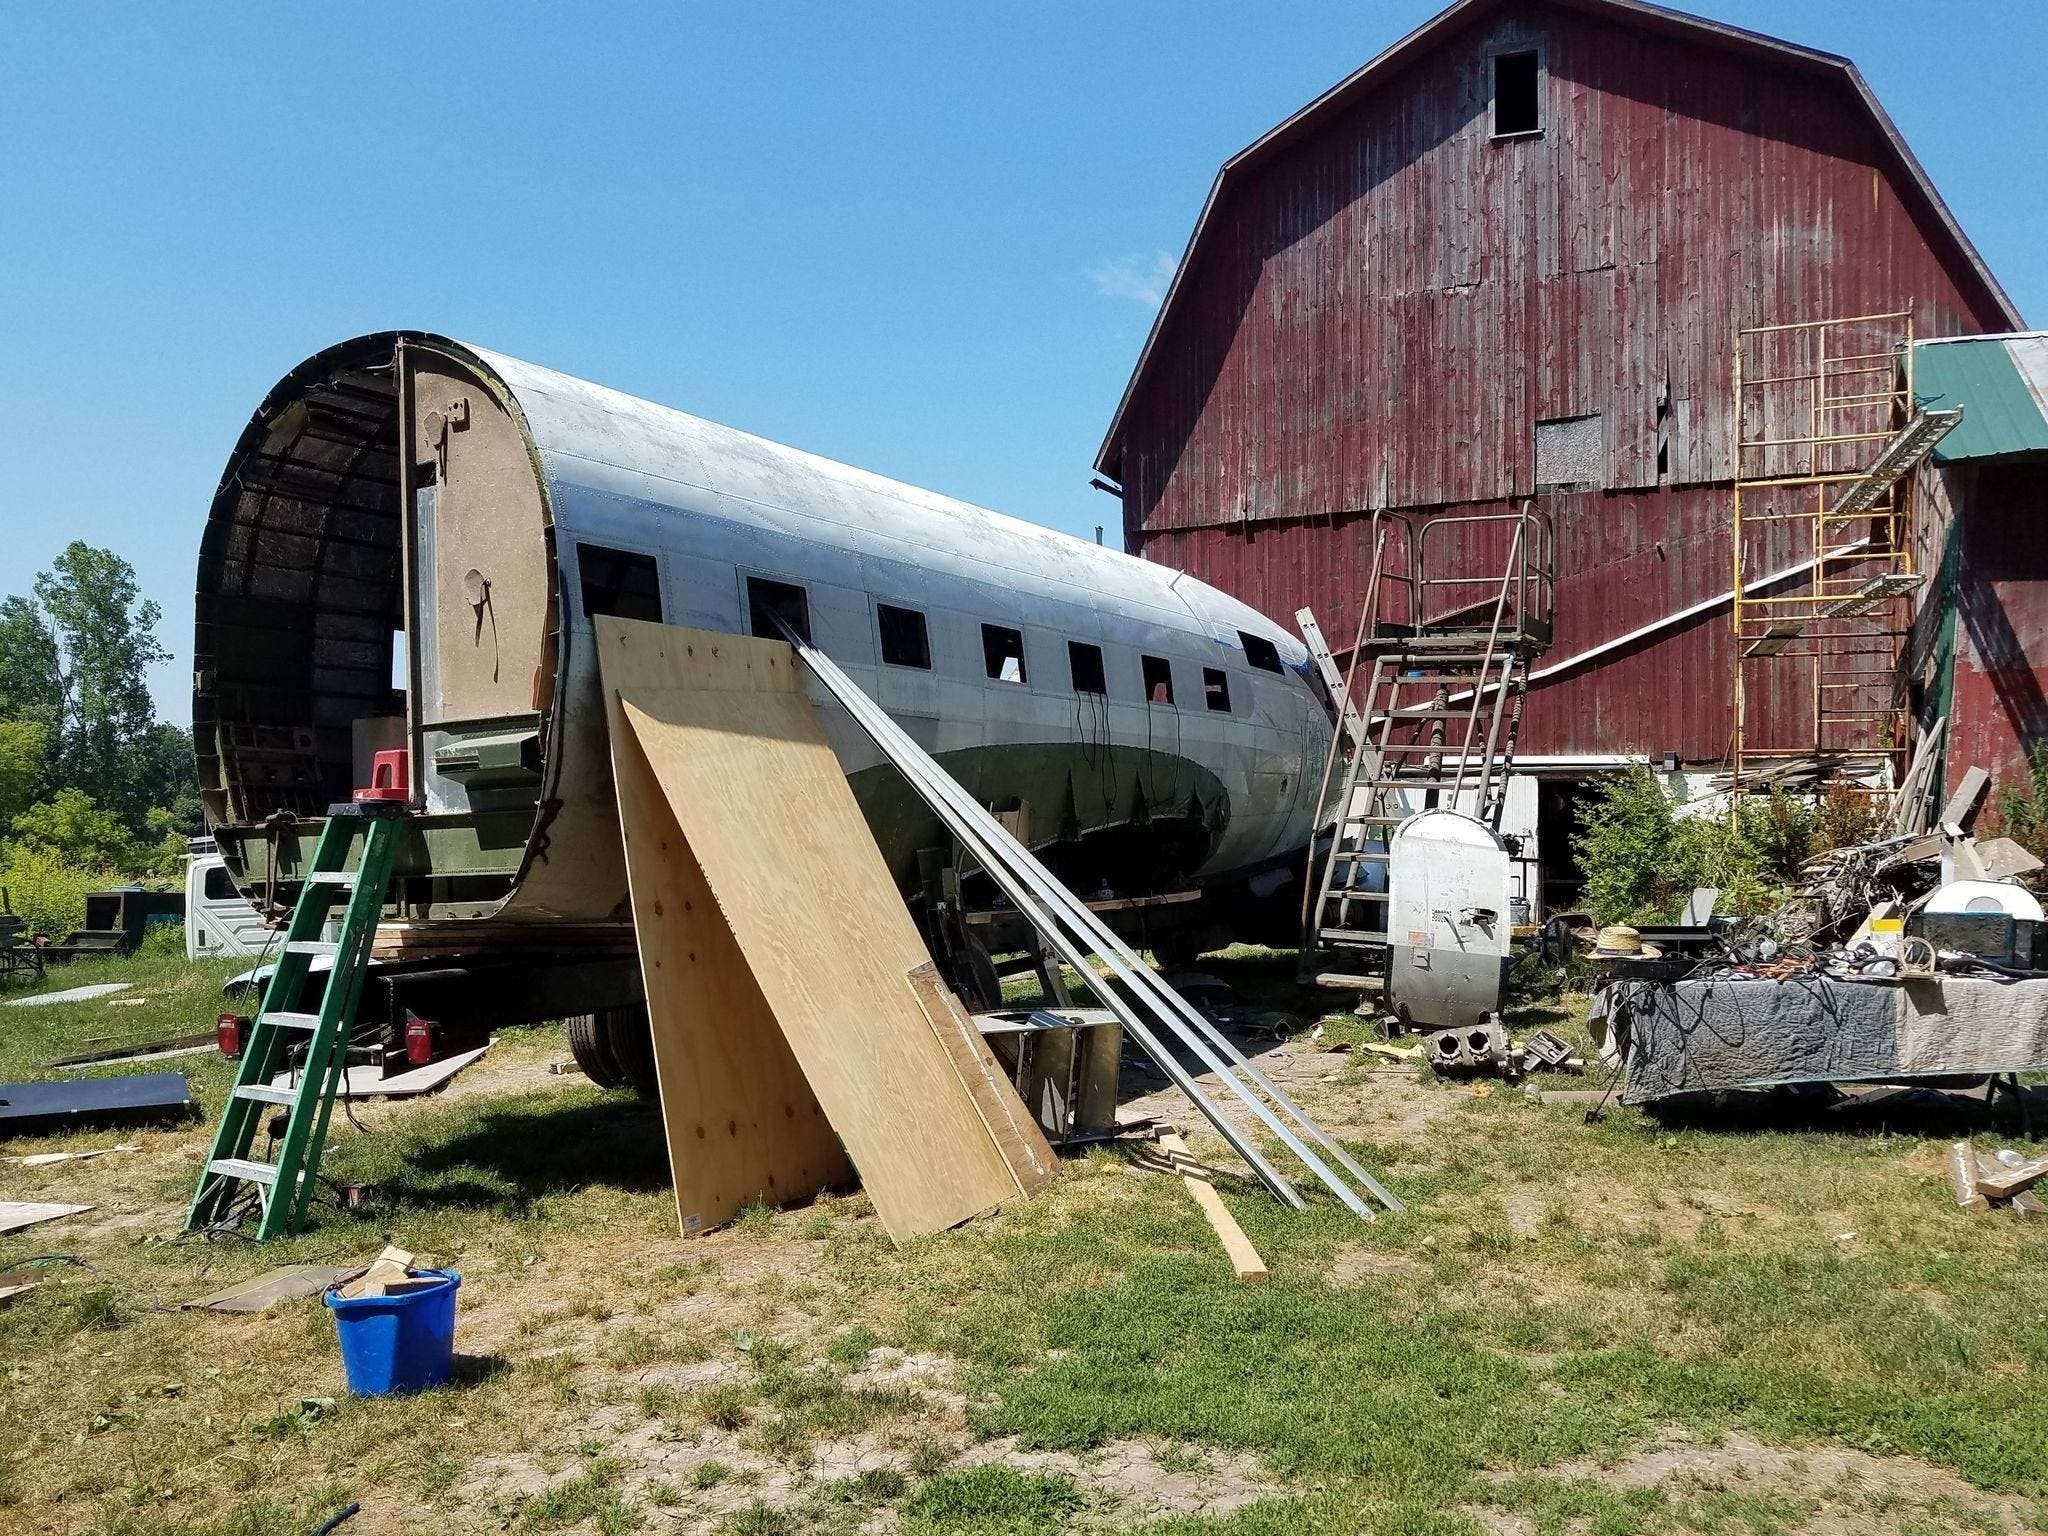 Man Converts Plane into RV - Backyard